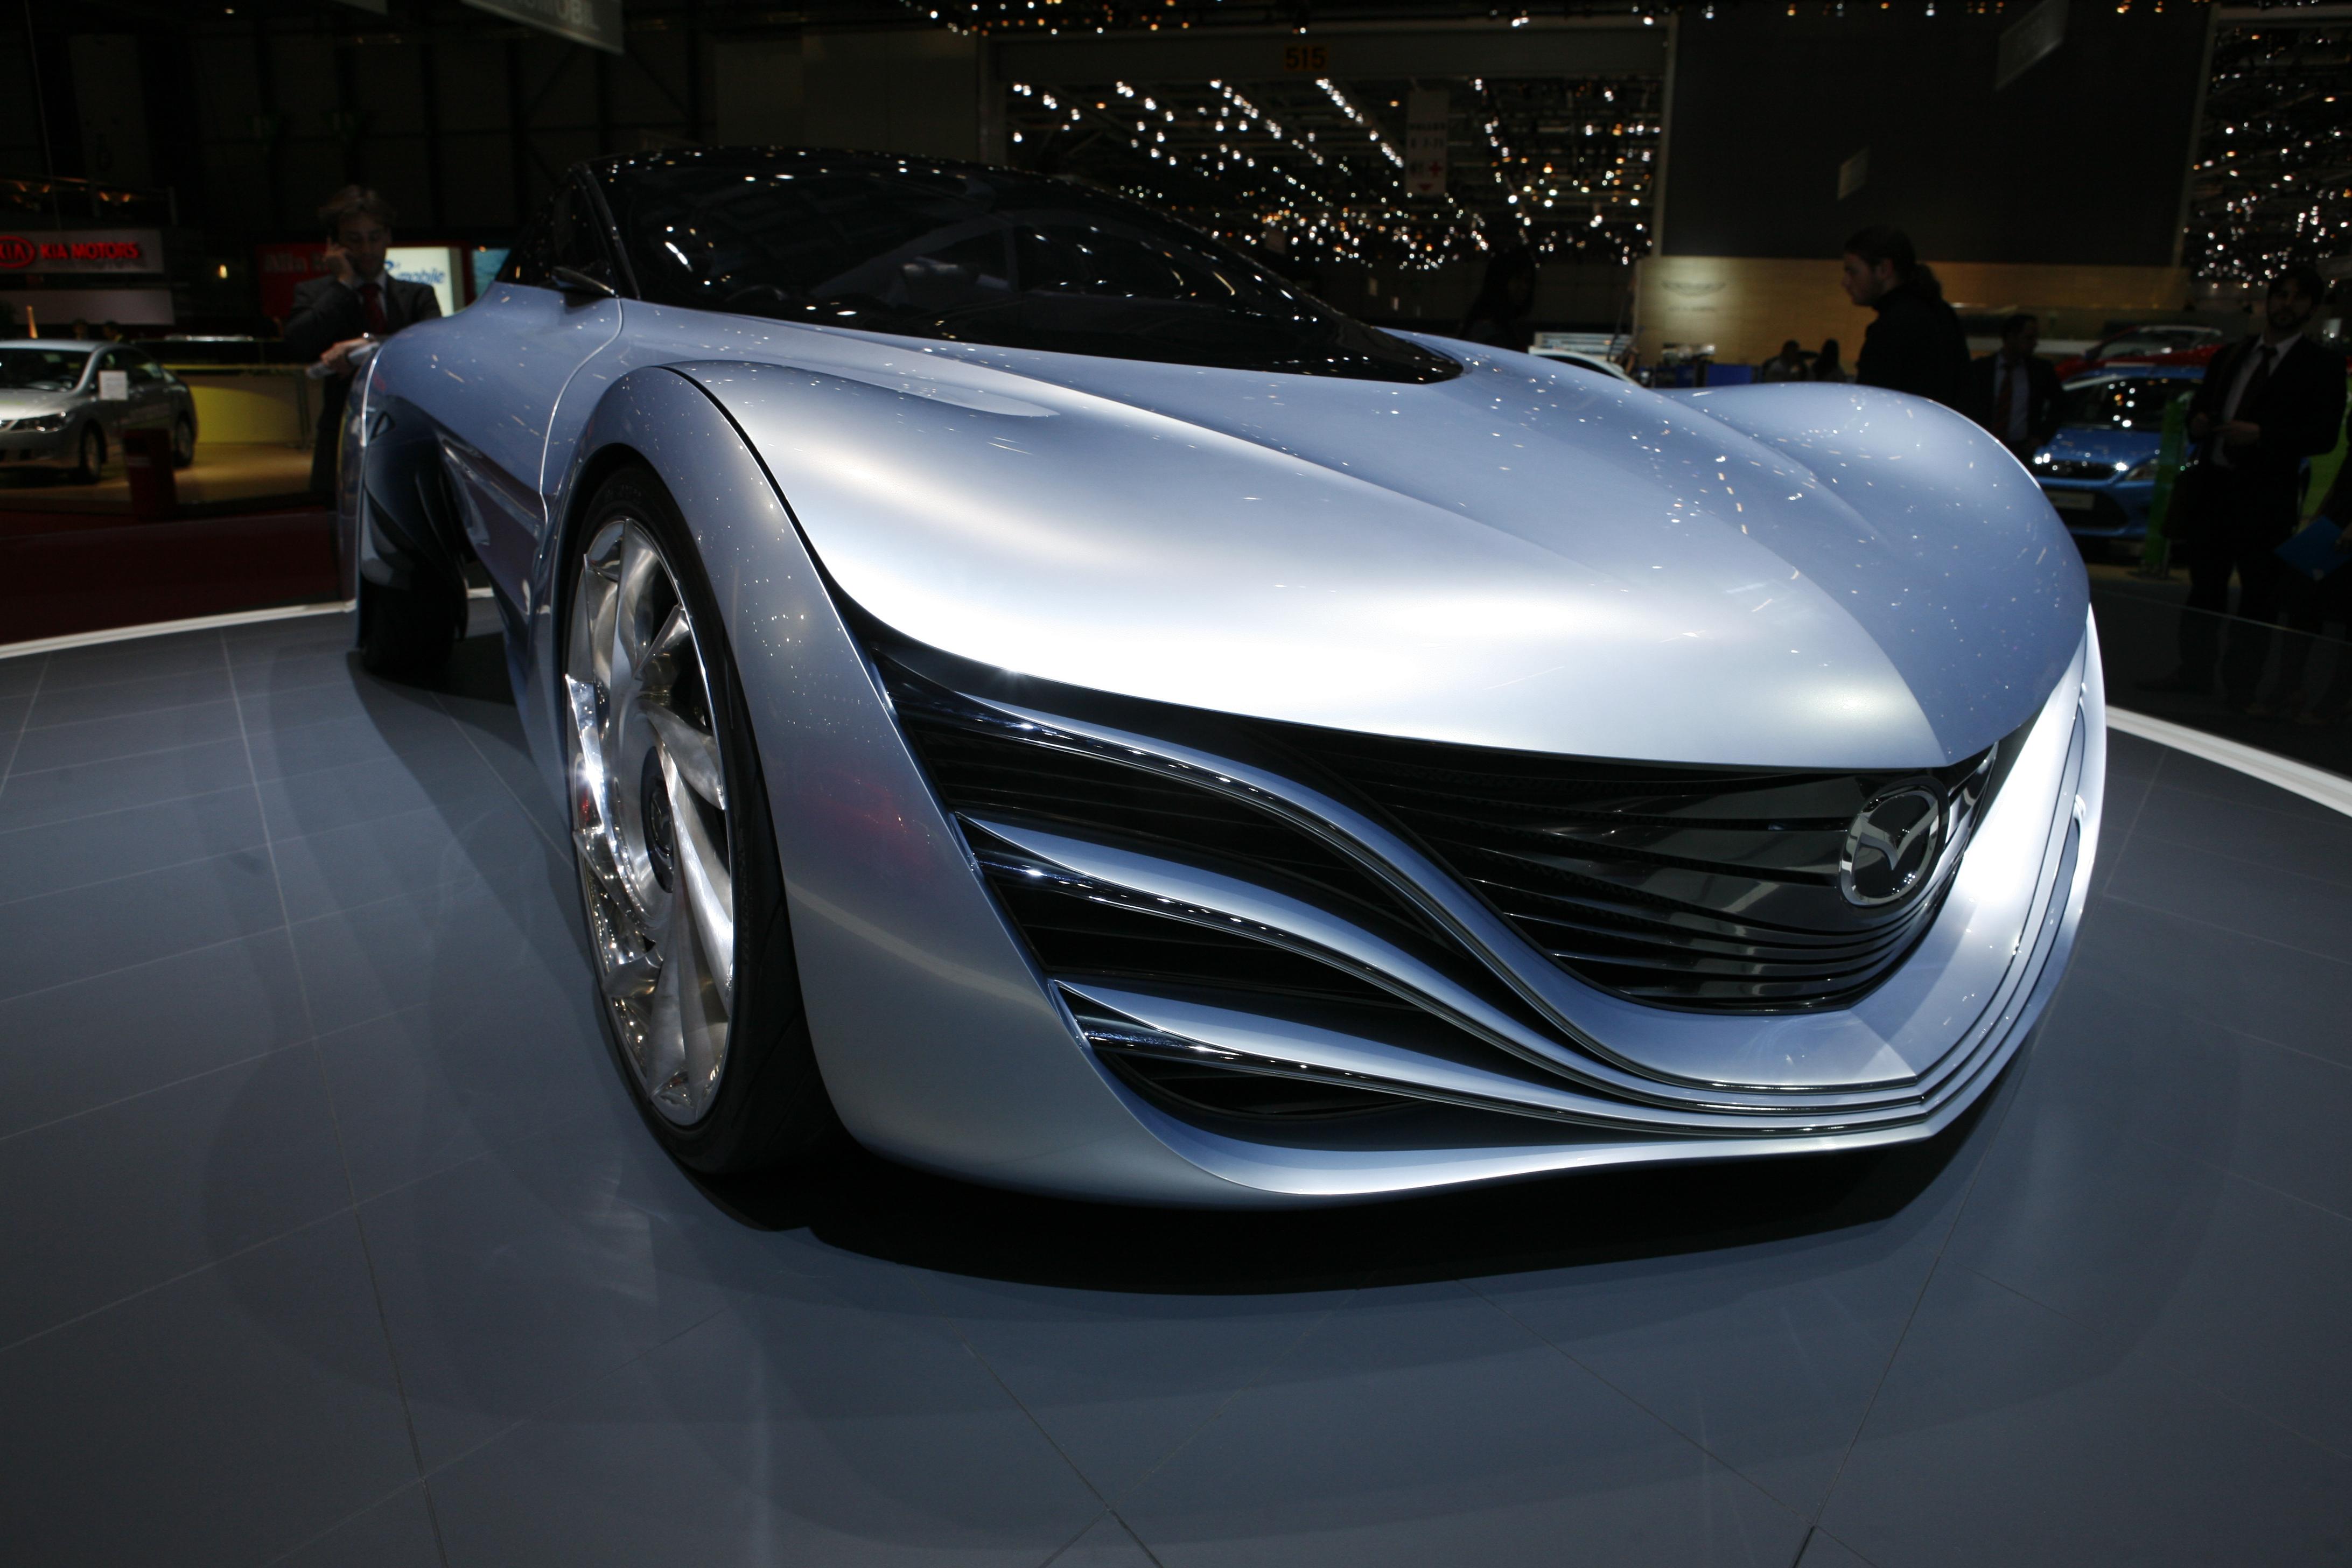 https://upload.wikimedia.org/wikipedia/commons/5/57/Mazda_Taiki_mg_2147.jpg